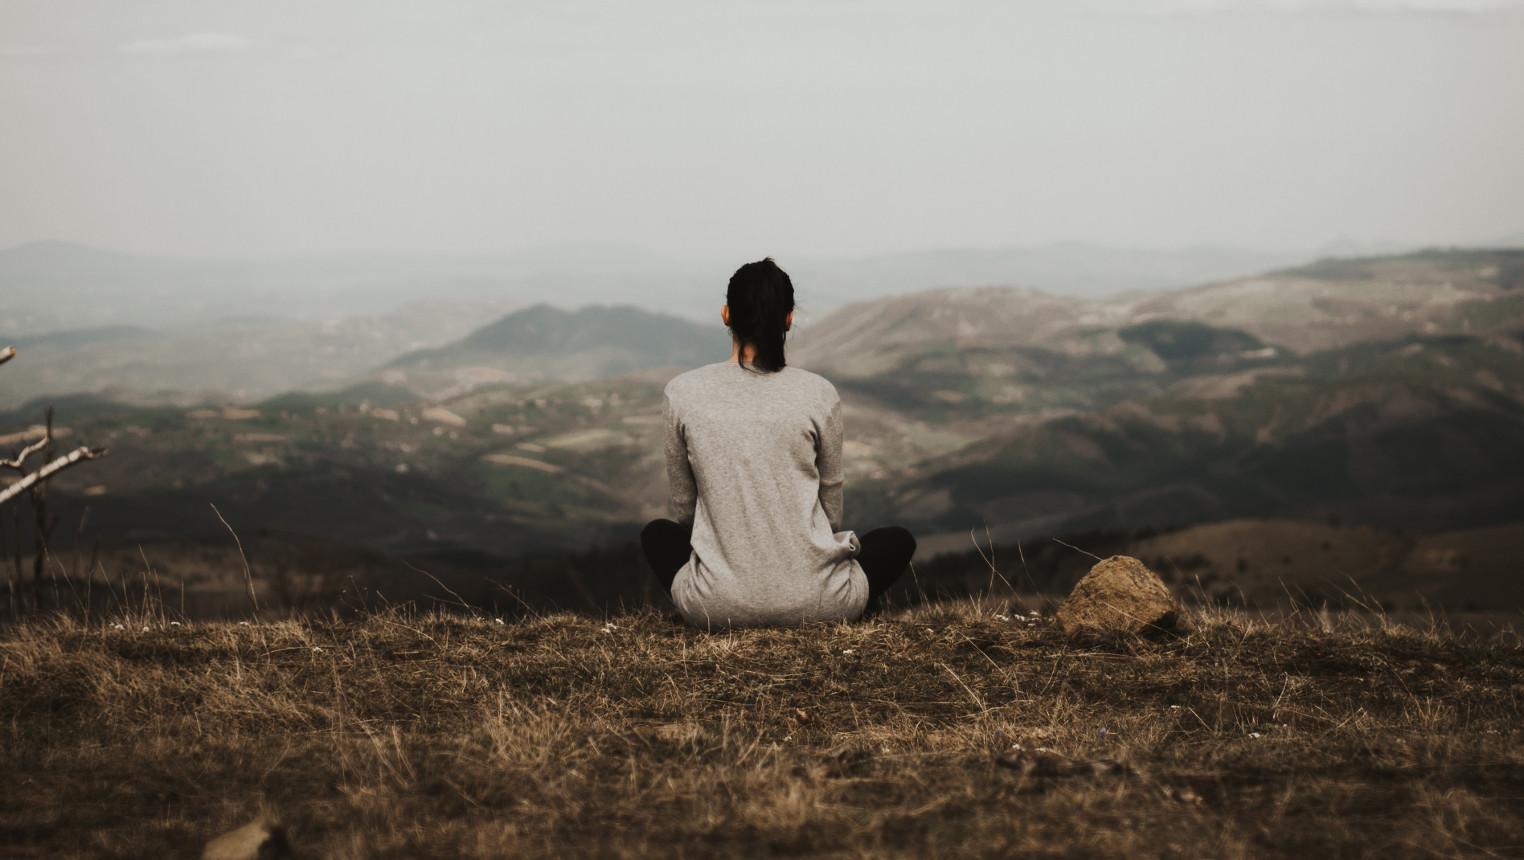 Une femme médite dans la nature, regardant l'horizon.